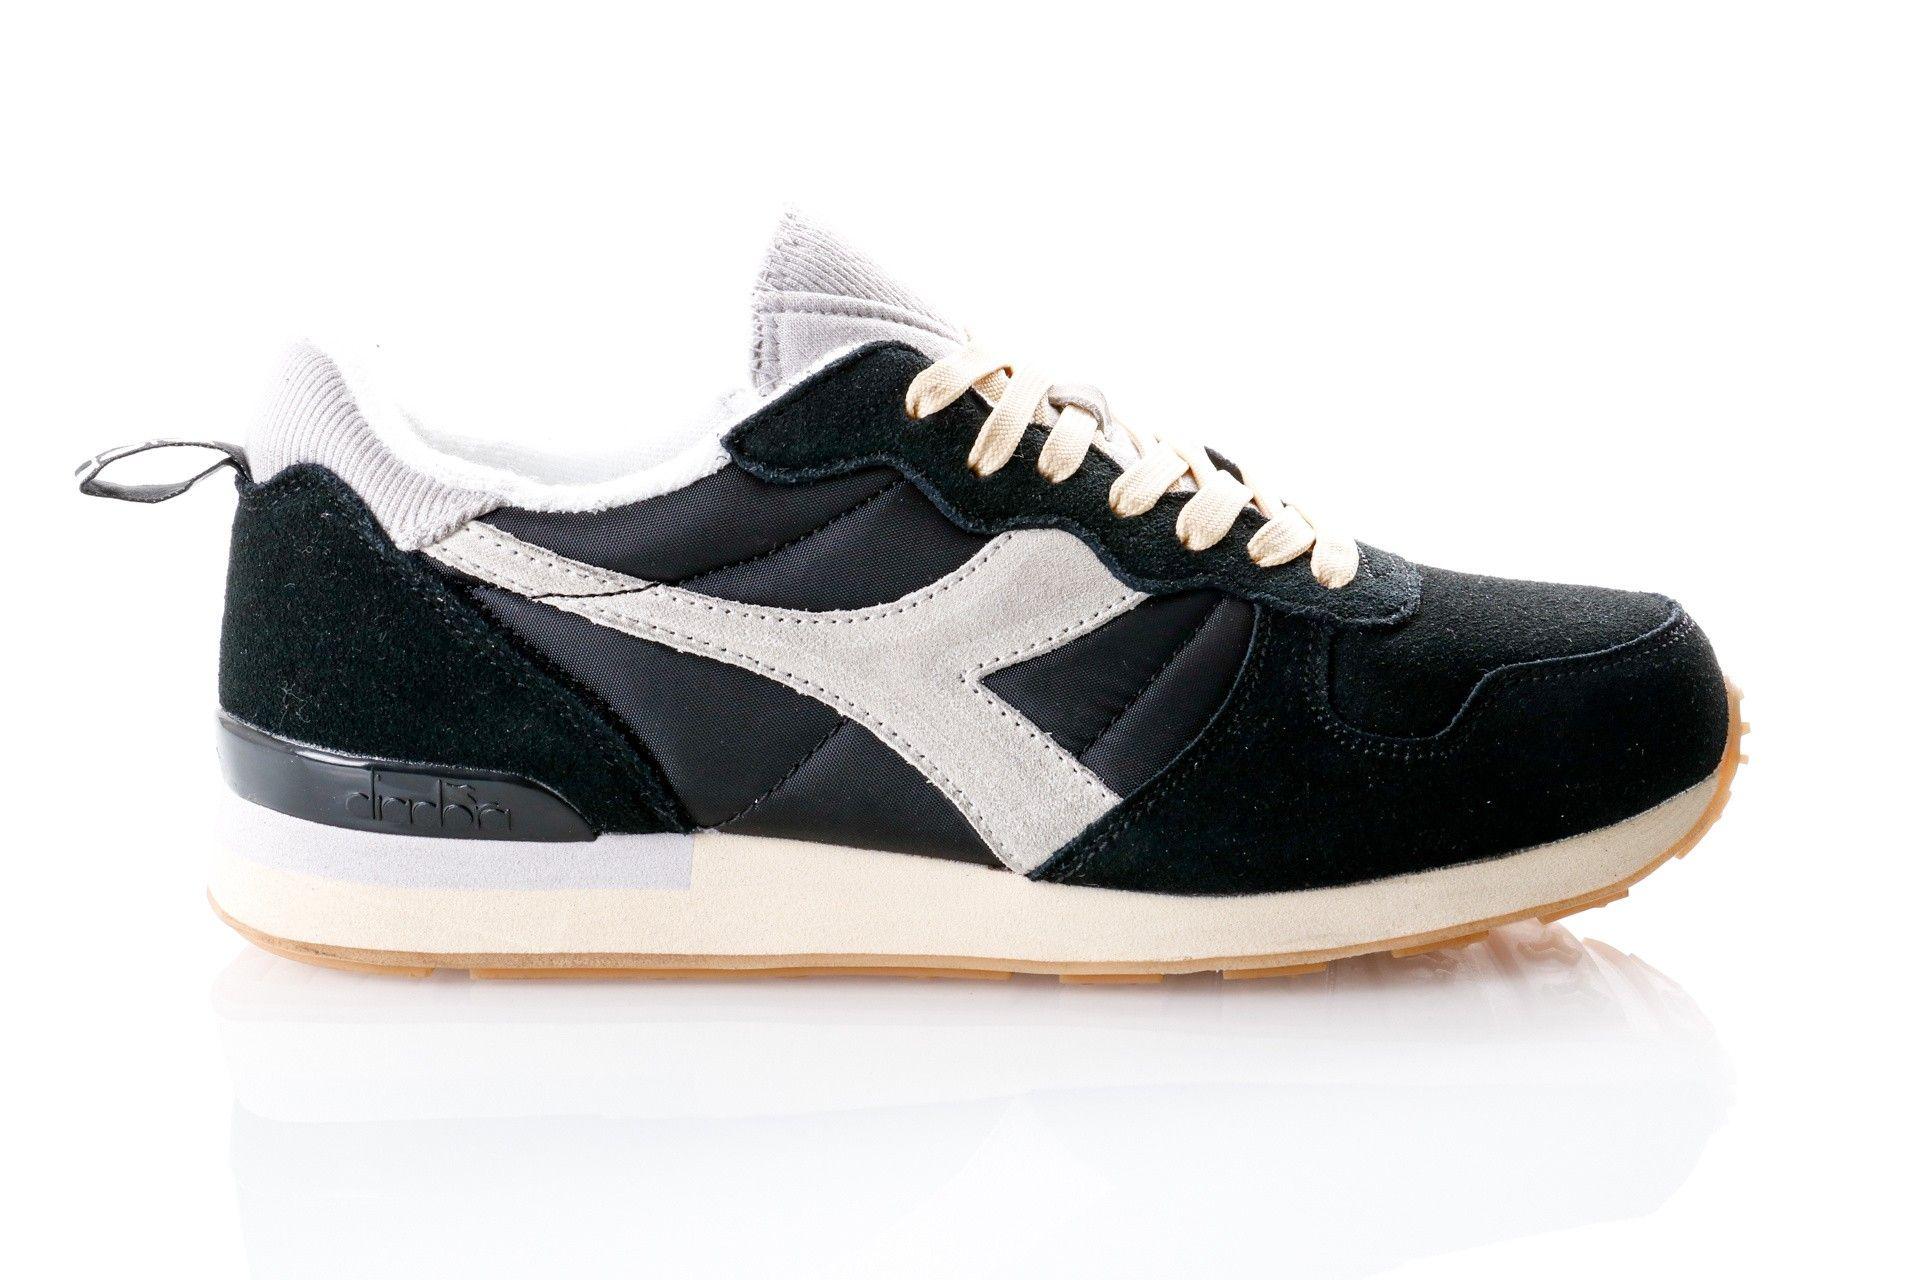 Afbeelding van Diadora Sneakers Camaro Insignia Blue/Gray Pelican 501159886